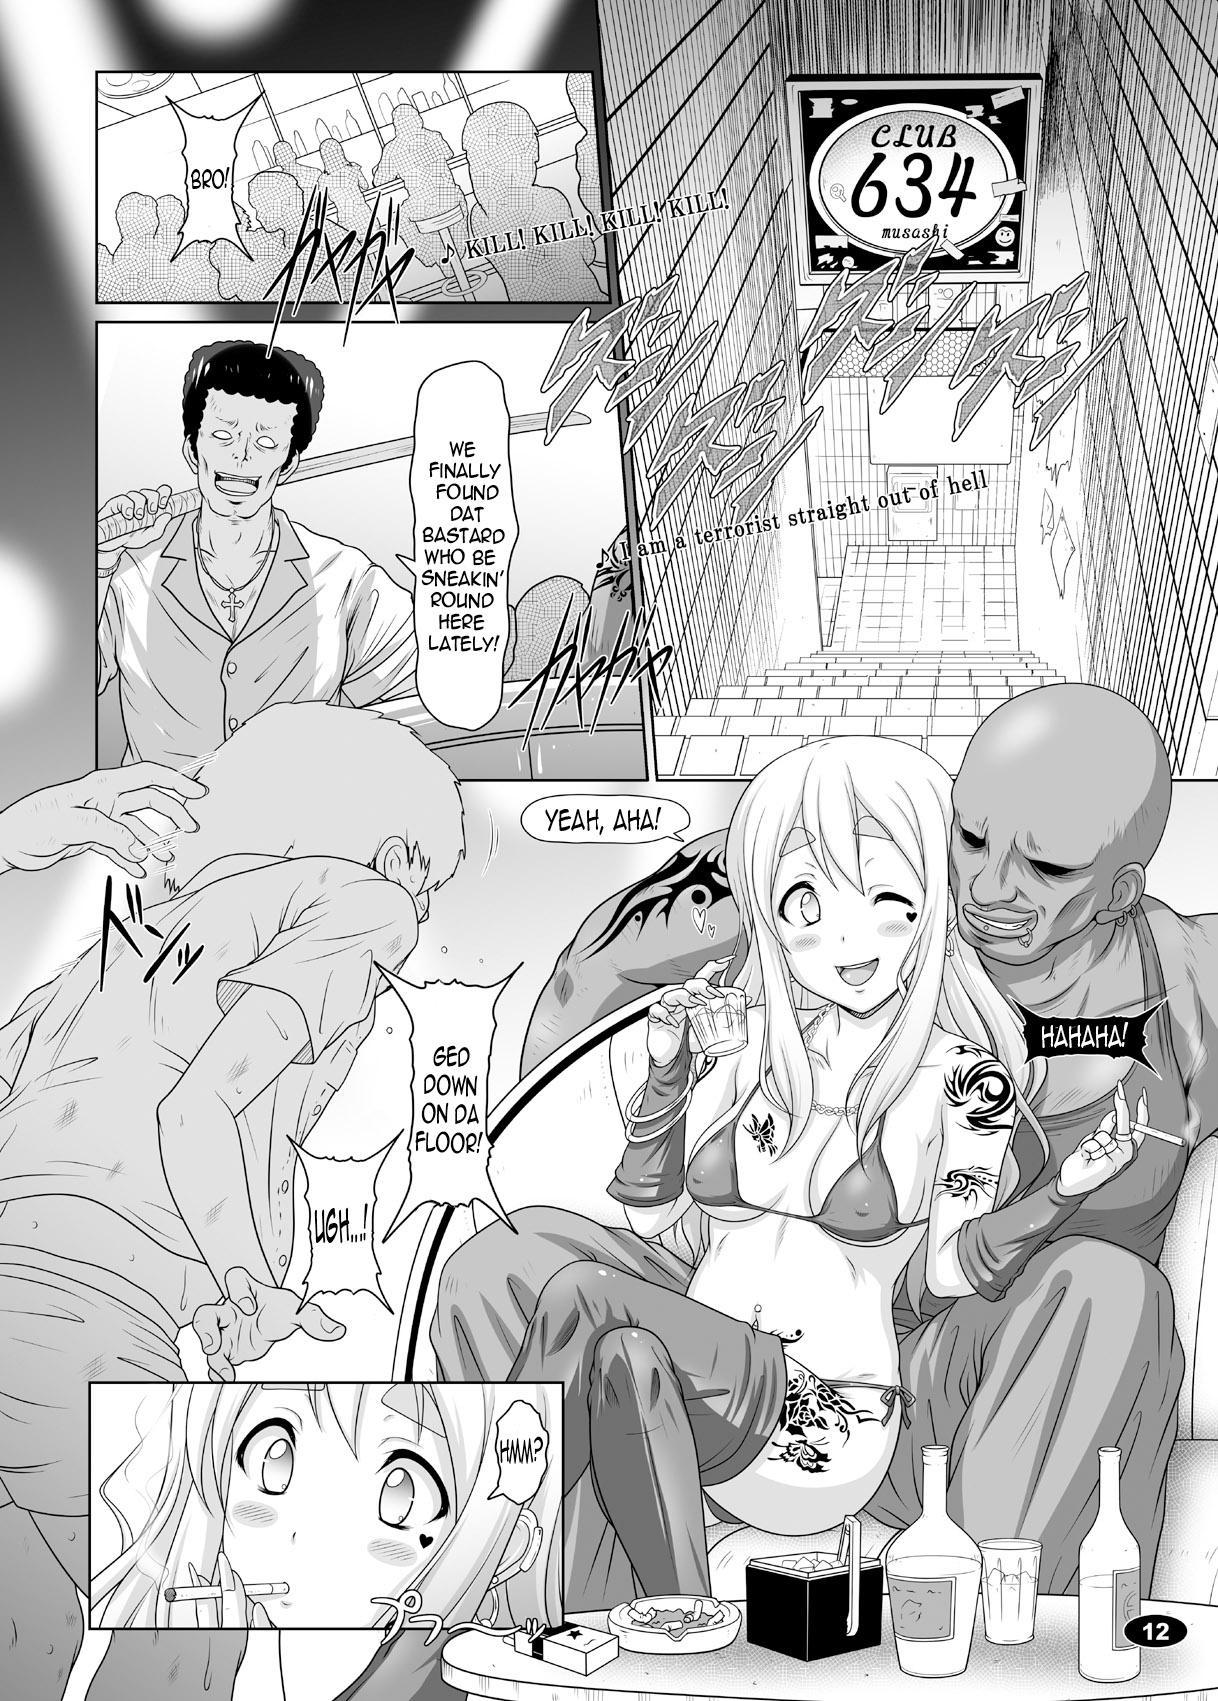 Kuroiro Jikan - Black Time 2 10